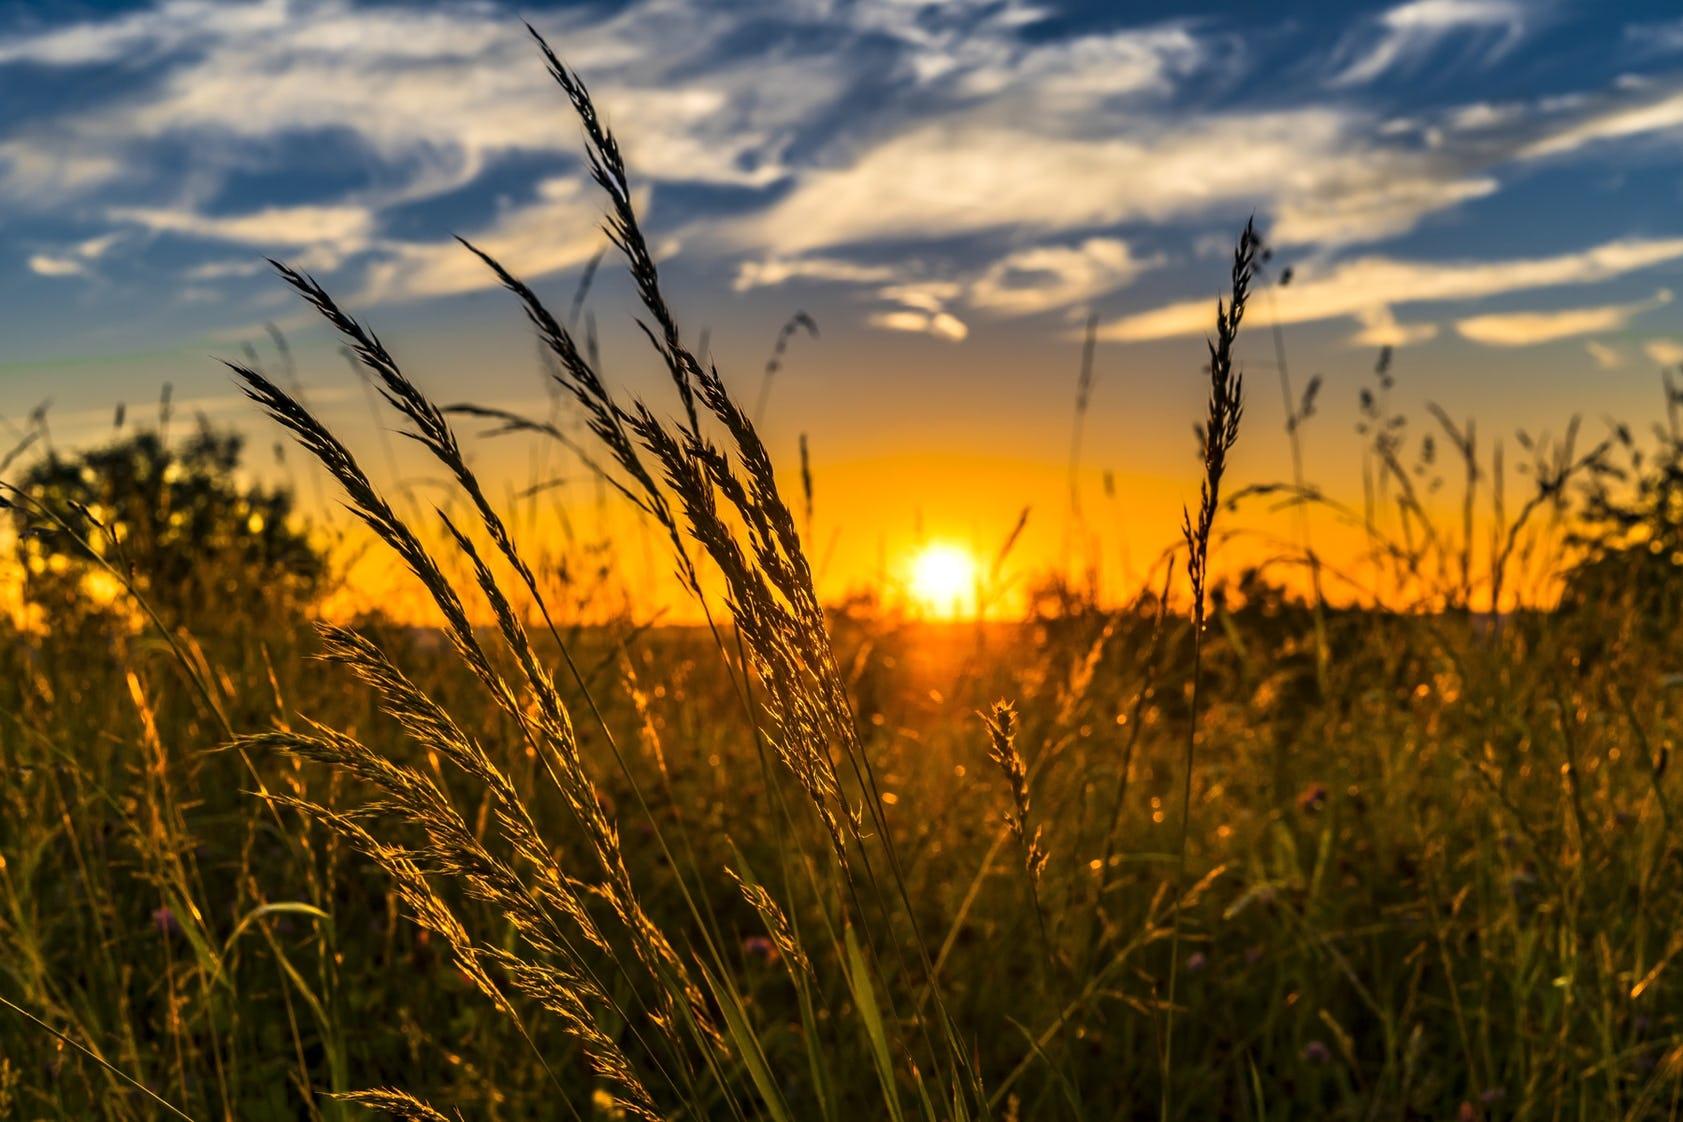 sunrise pic